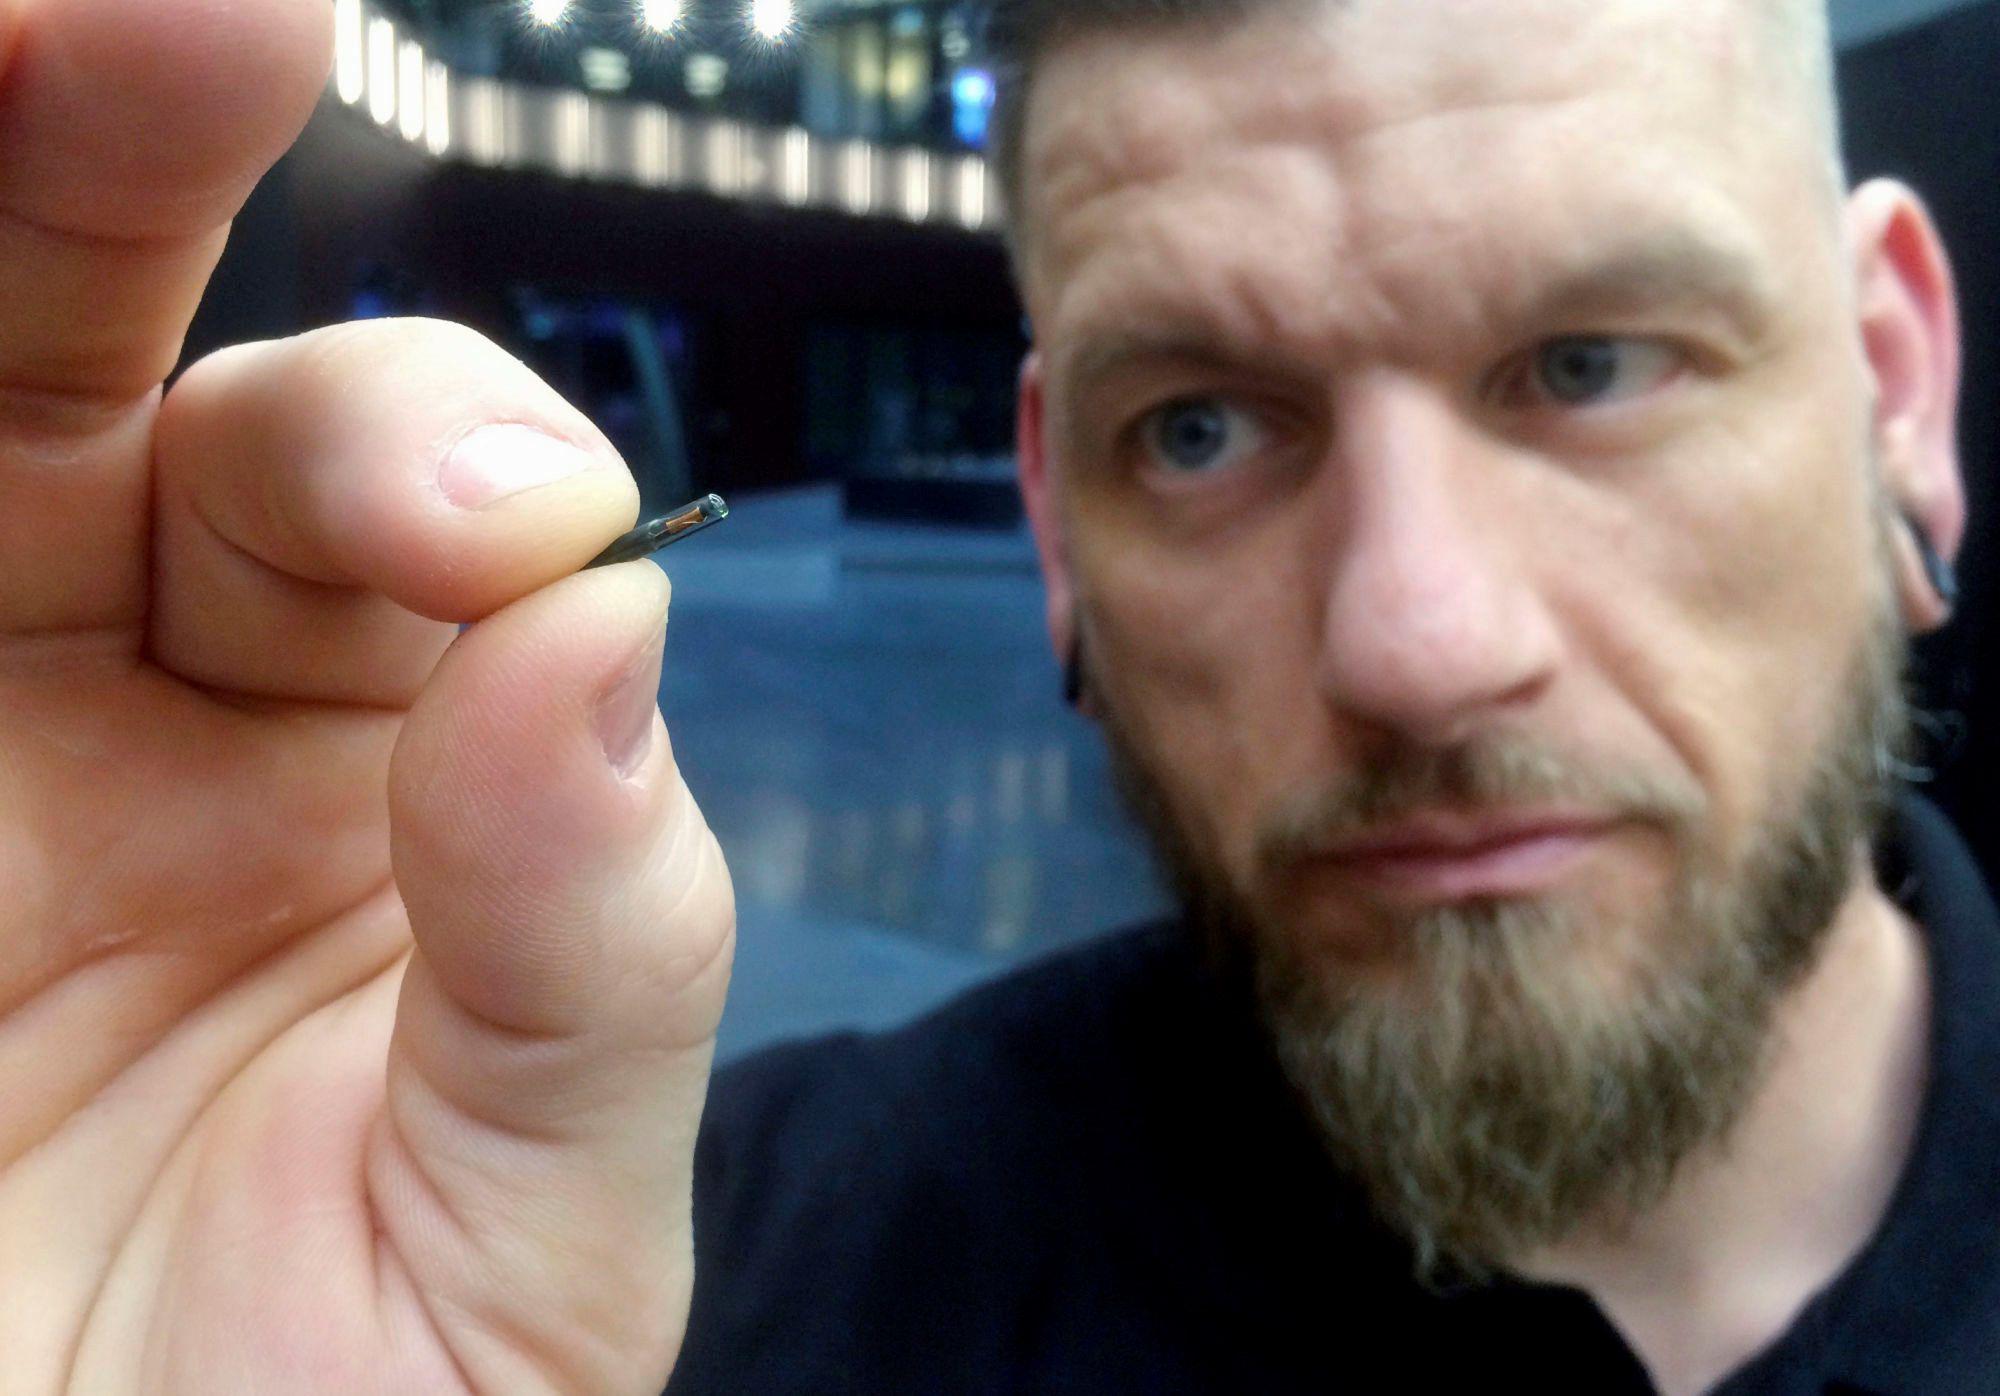 Cấy chip vào người sống - trào lưu đang nổi lên toàn cầu Ảnh 3